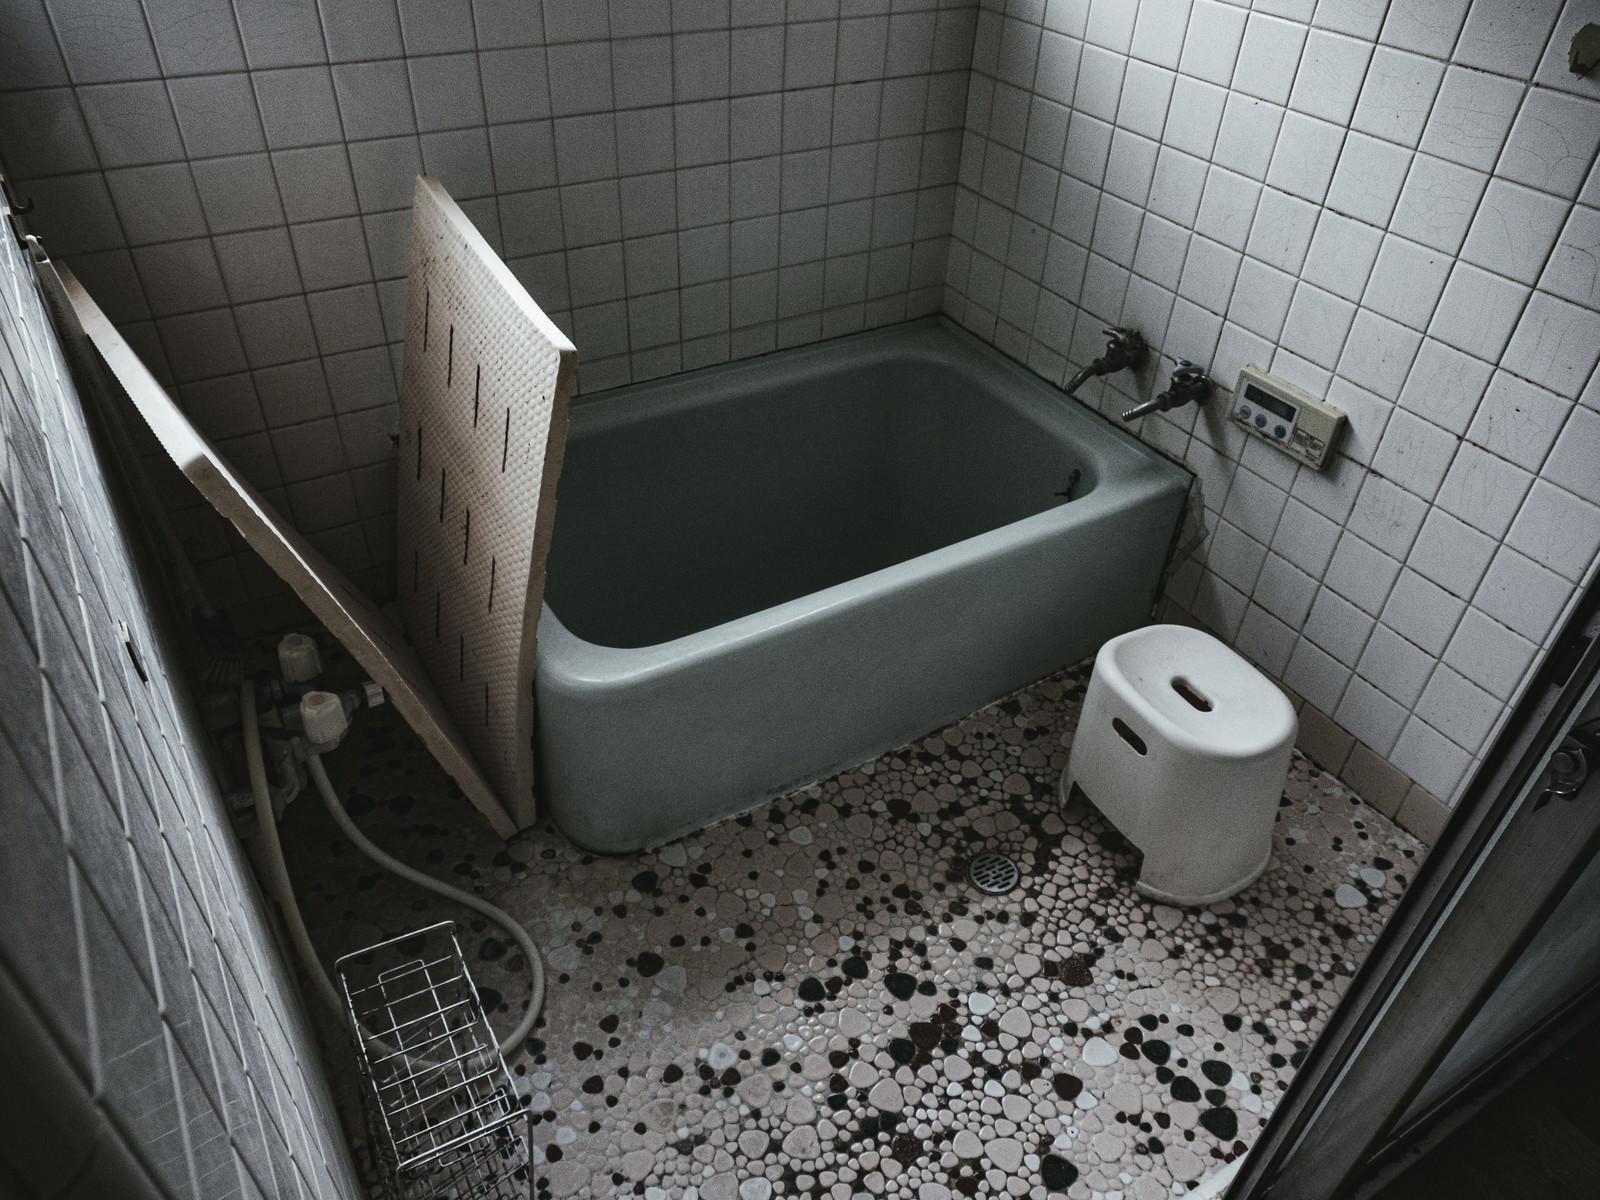 「昭和感漂うタイルのお風呂」の写真